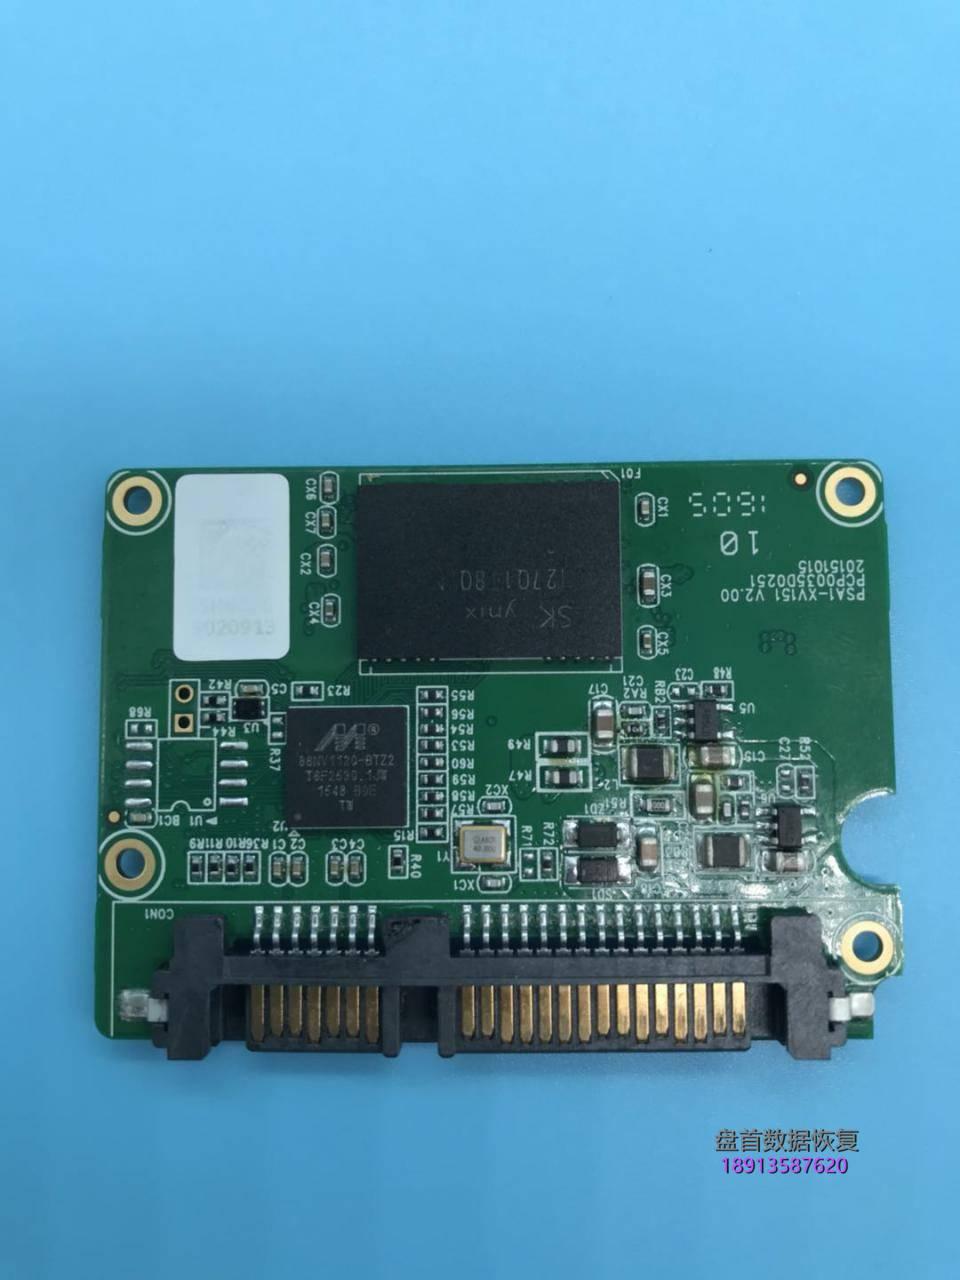 金胜e330-240g-ssd固态硬盘掉盘不识别主控marvell88nv1120芯片数据恢复 金胜E330 240G SSD固态硬盘掉盘不识别主控Marvell88NV1120芯片数据恢复完美